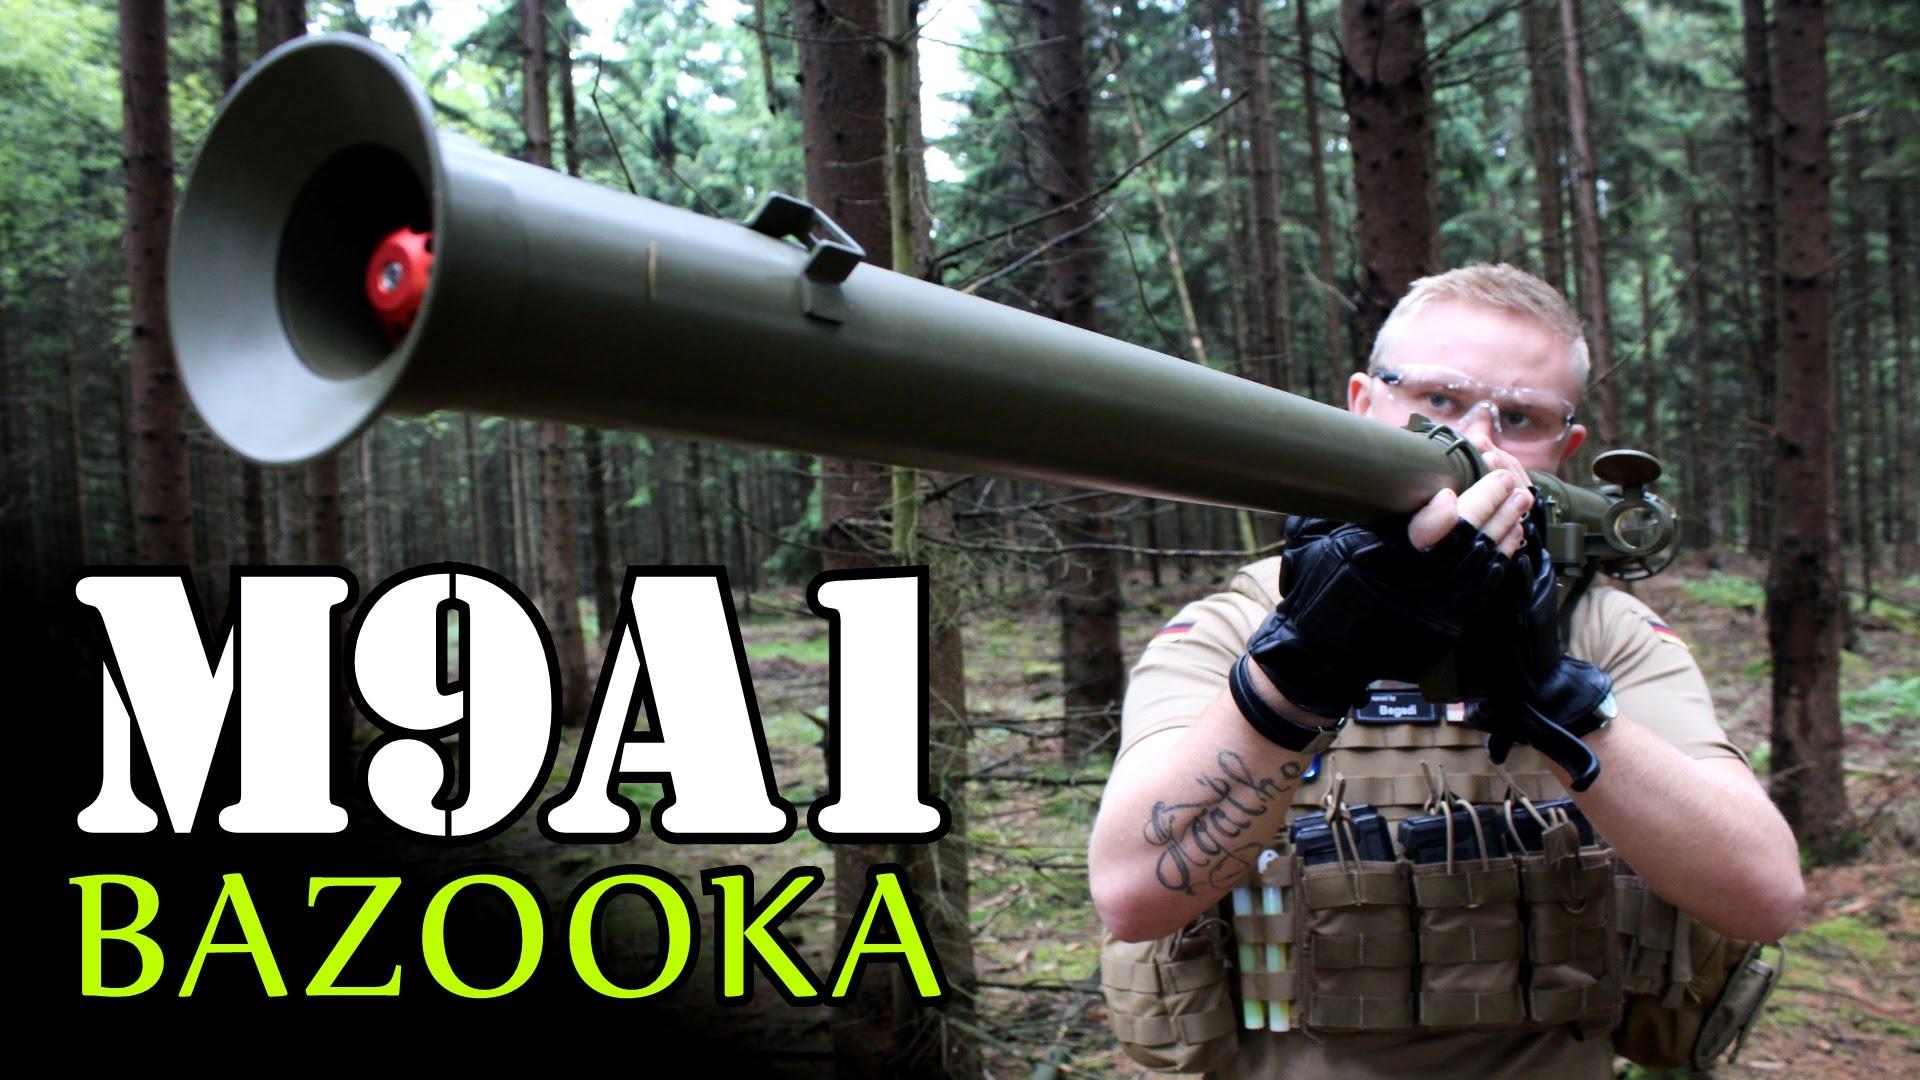 bazooka test